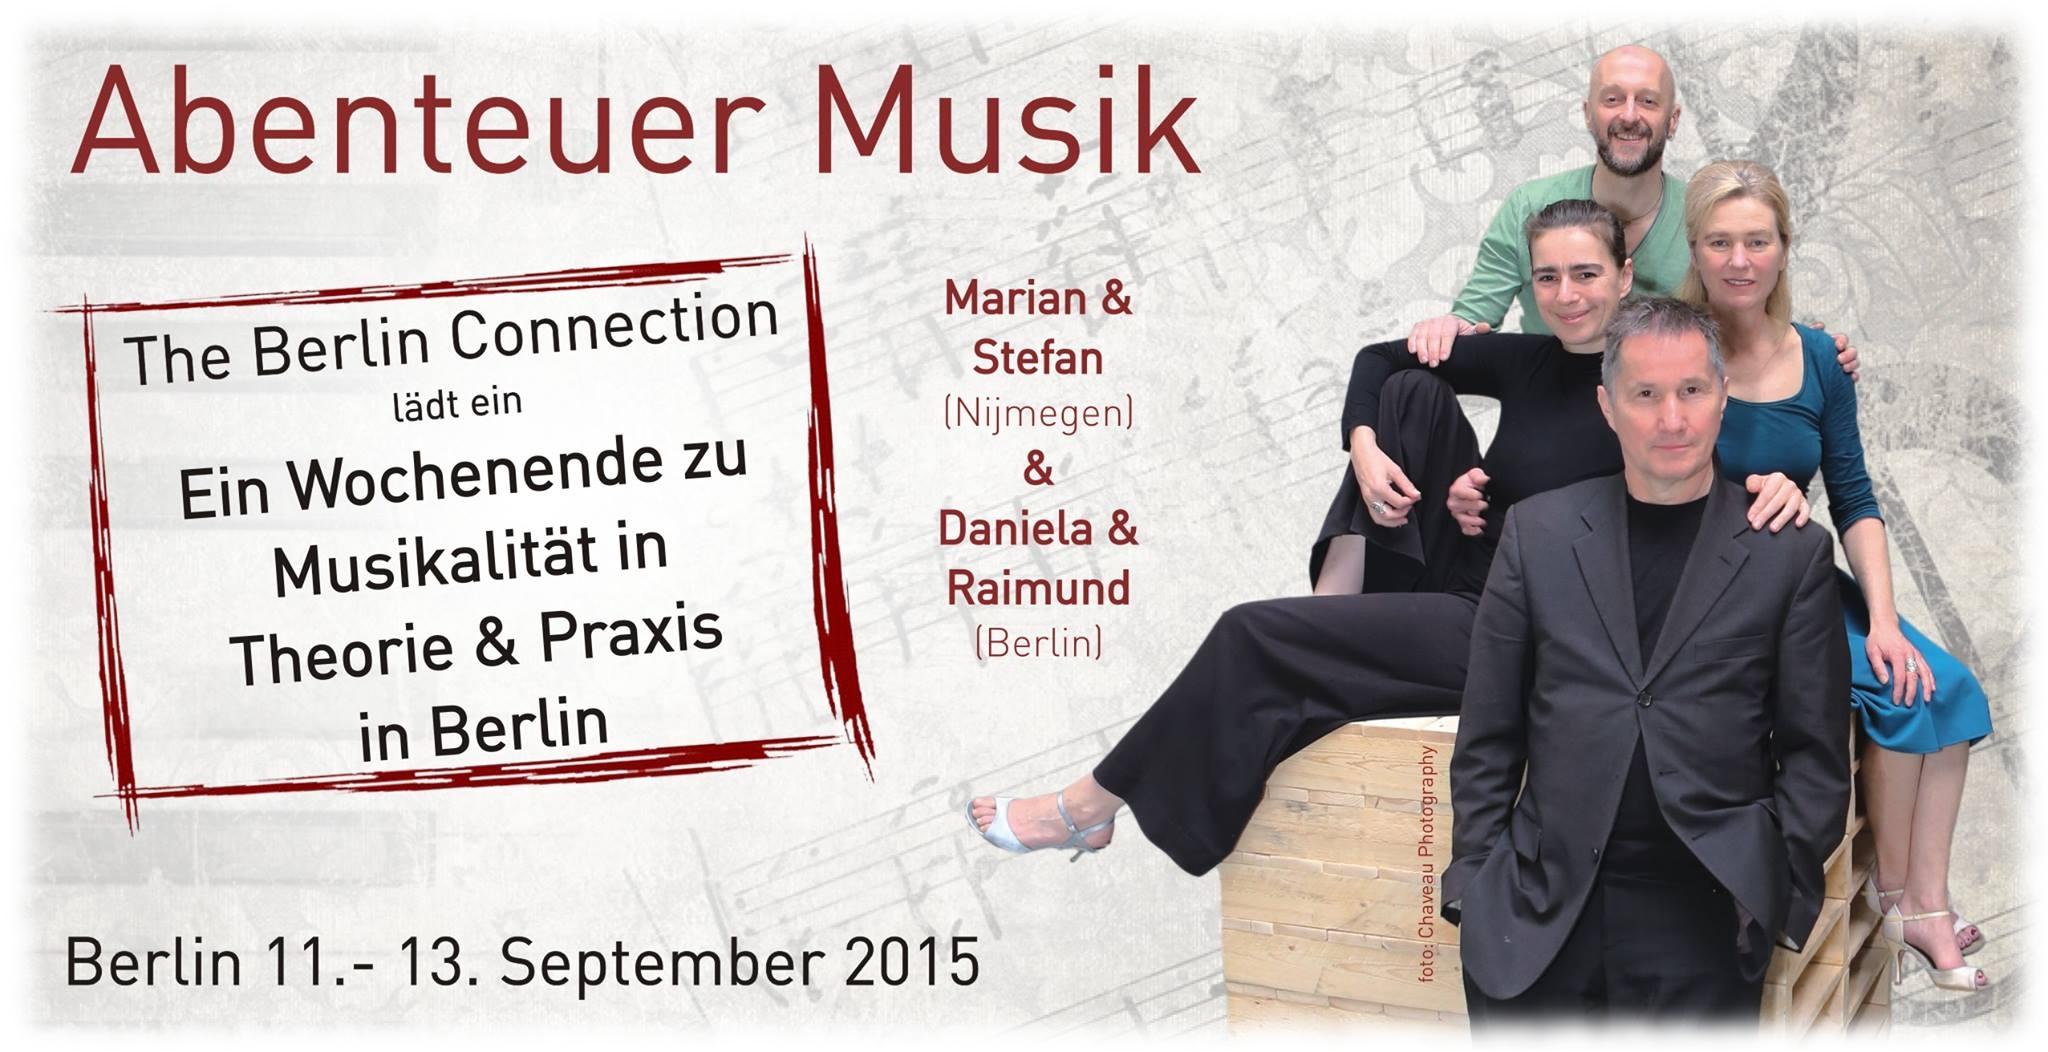 Abenteuer Musik in Berlin 2015